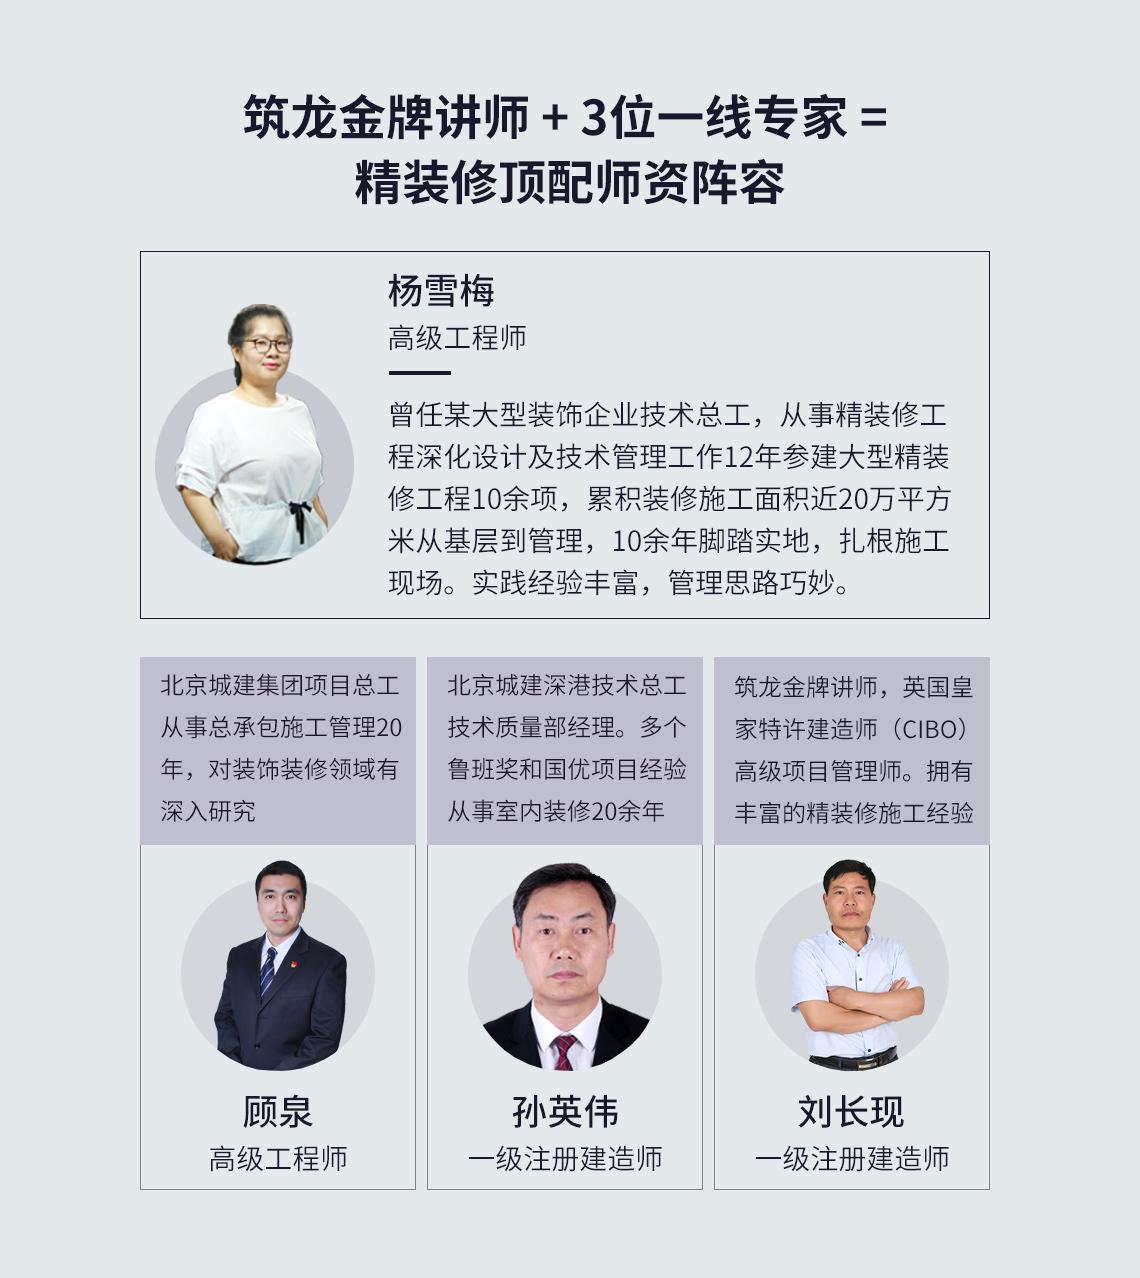 筑龙金牌讲师杨雪梅老师,拥有10余年的装饰装修项目经验,是高级工程师,曾担任项目总工,实战经验丰富,管理思路巧妙。